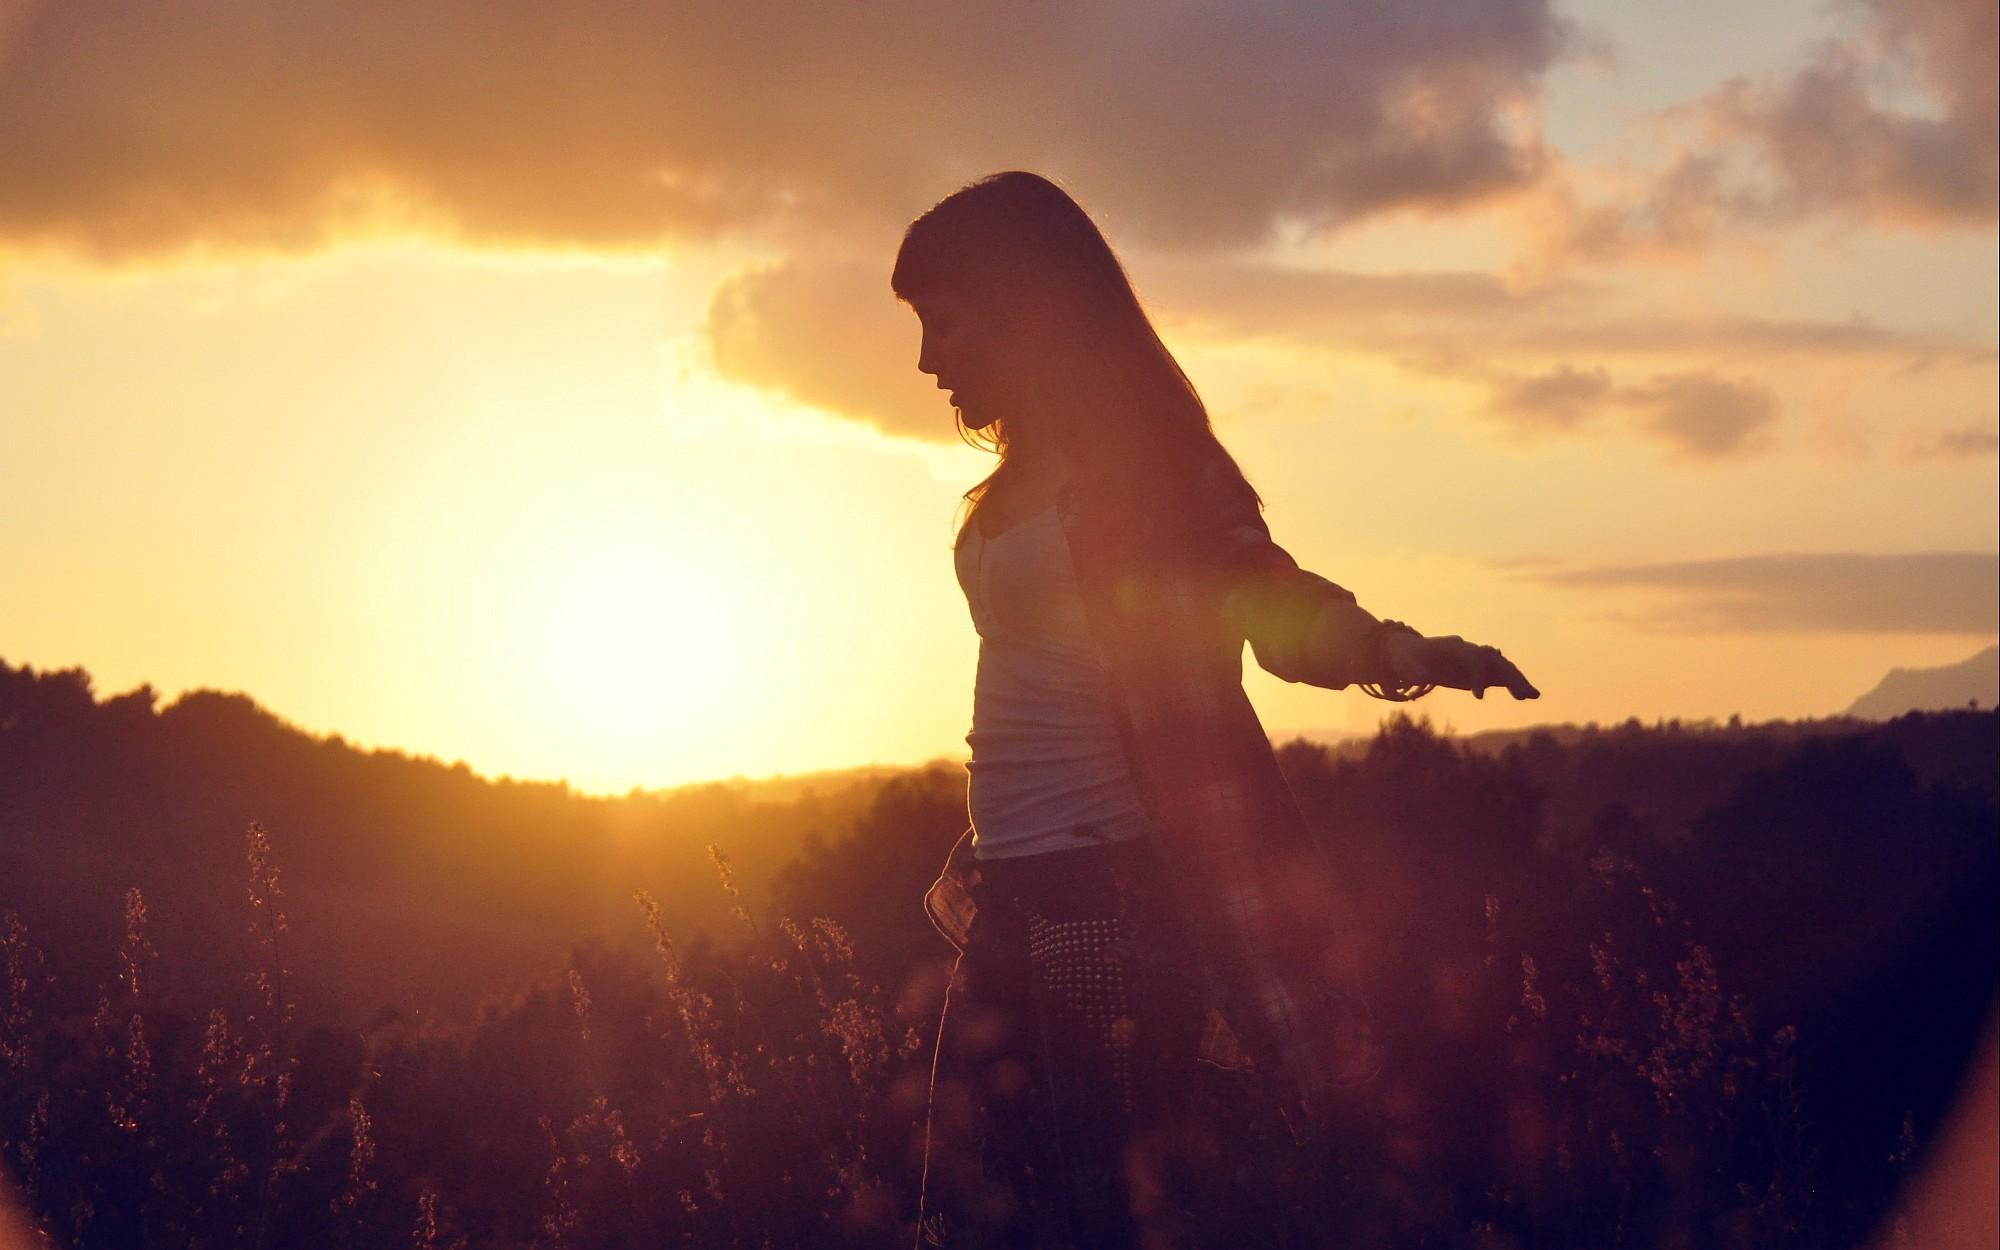 Фото с солнцем и девушкой